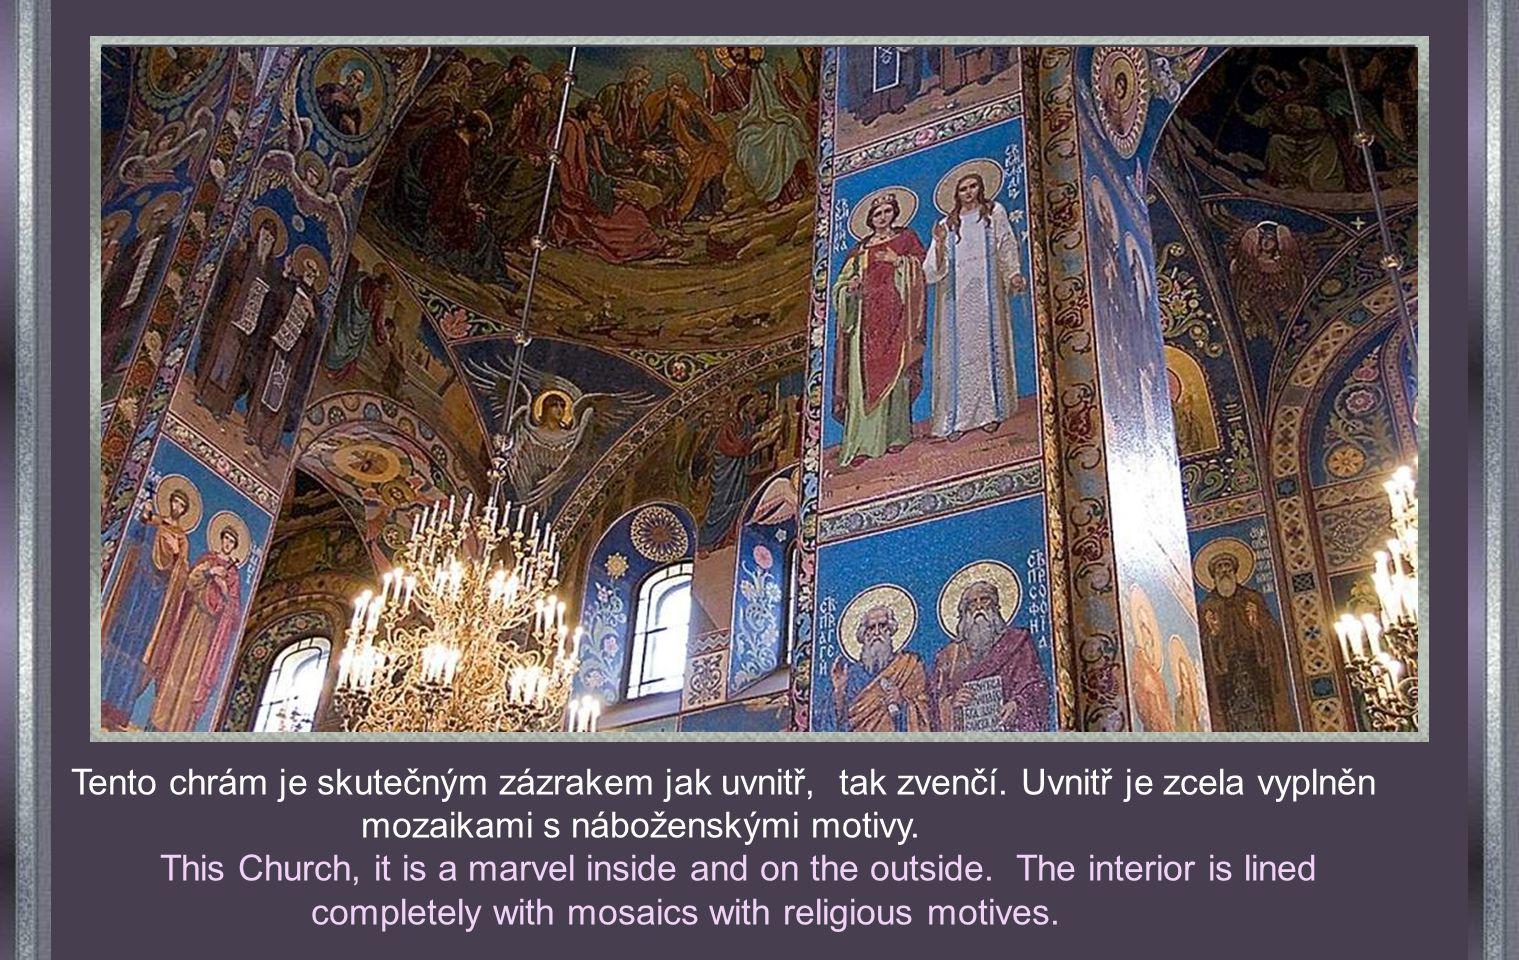 Pravé jméno je Chrám Kristova zmrtvýchvstání. Je postaven na místě, kde byl 13.3.1881 zavražděn car Alexandr II. Odtud pochází název